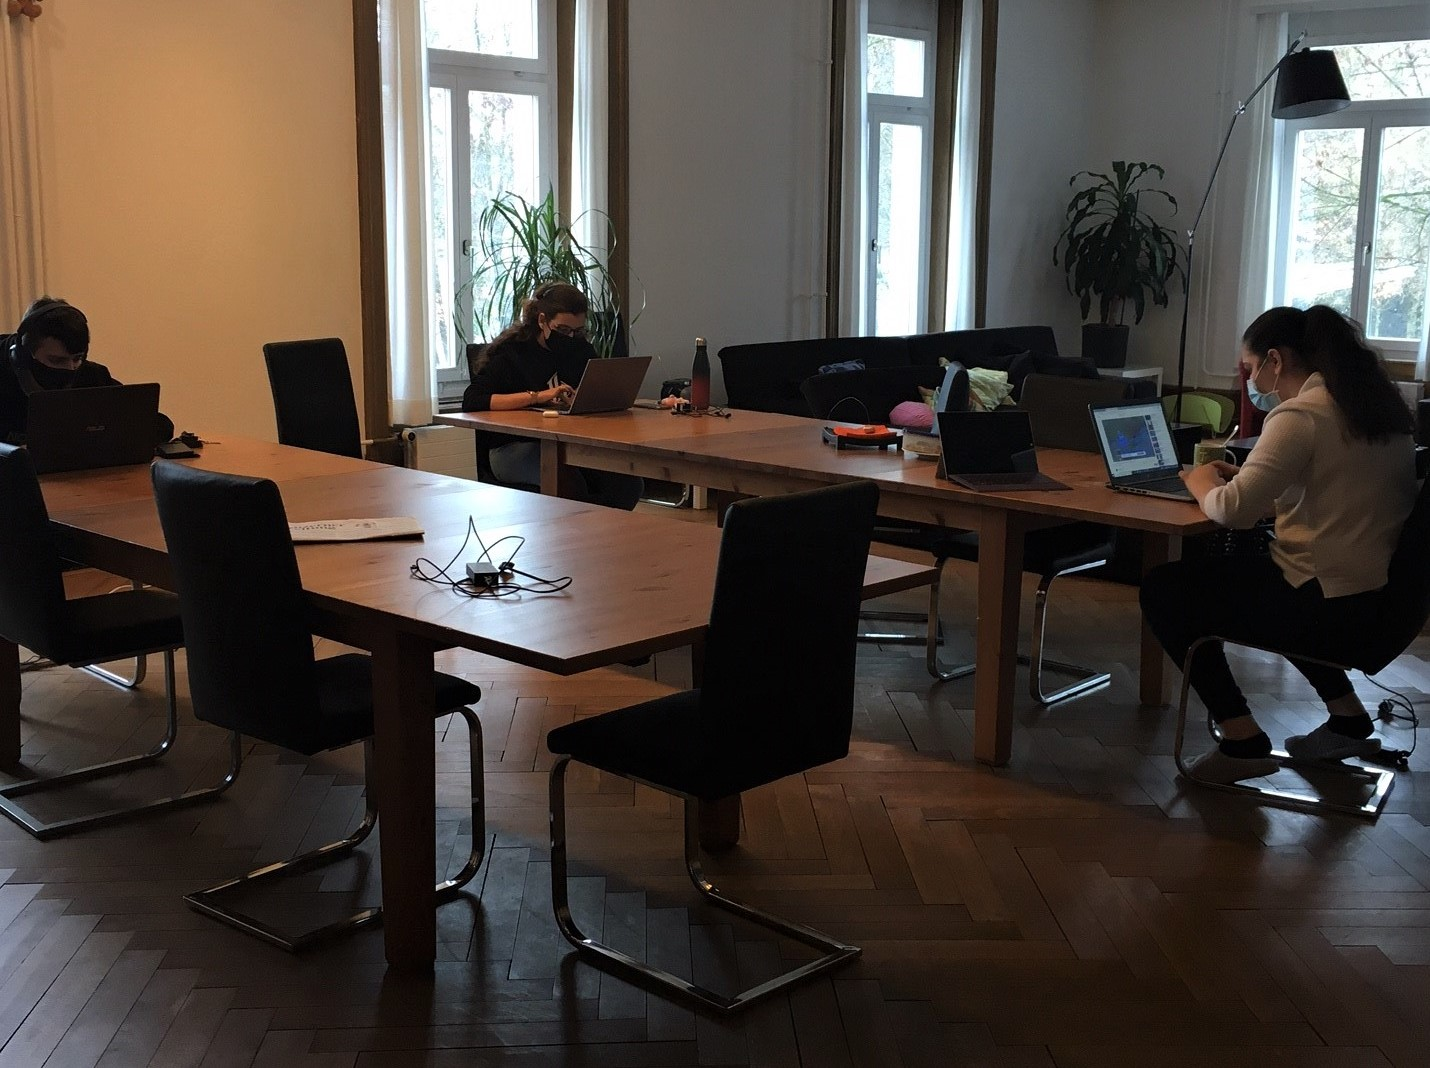 Auszubildende Am Arbeiten Am Laptop Während Der Blockwoche My Project